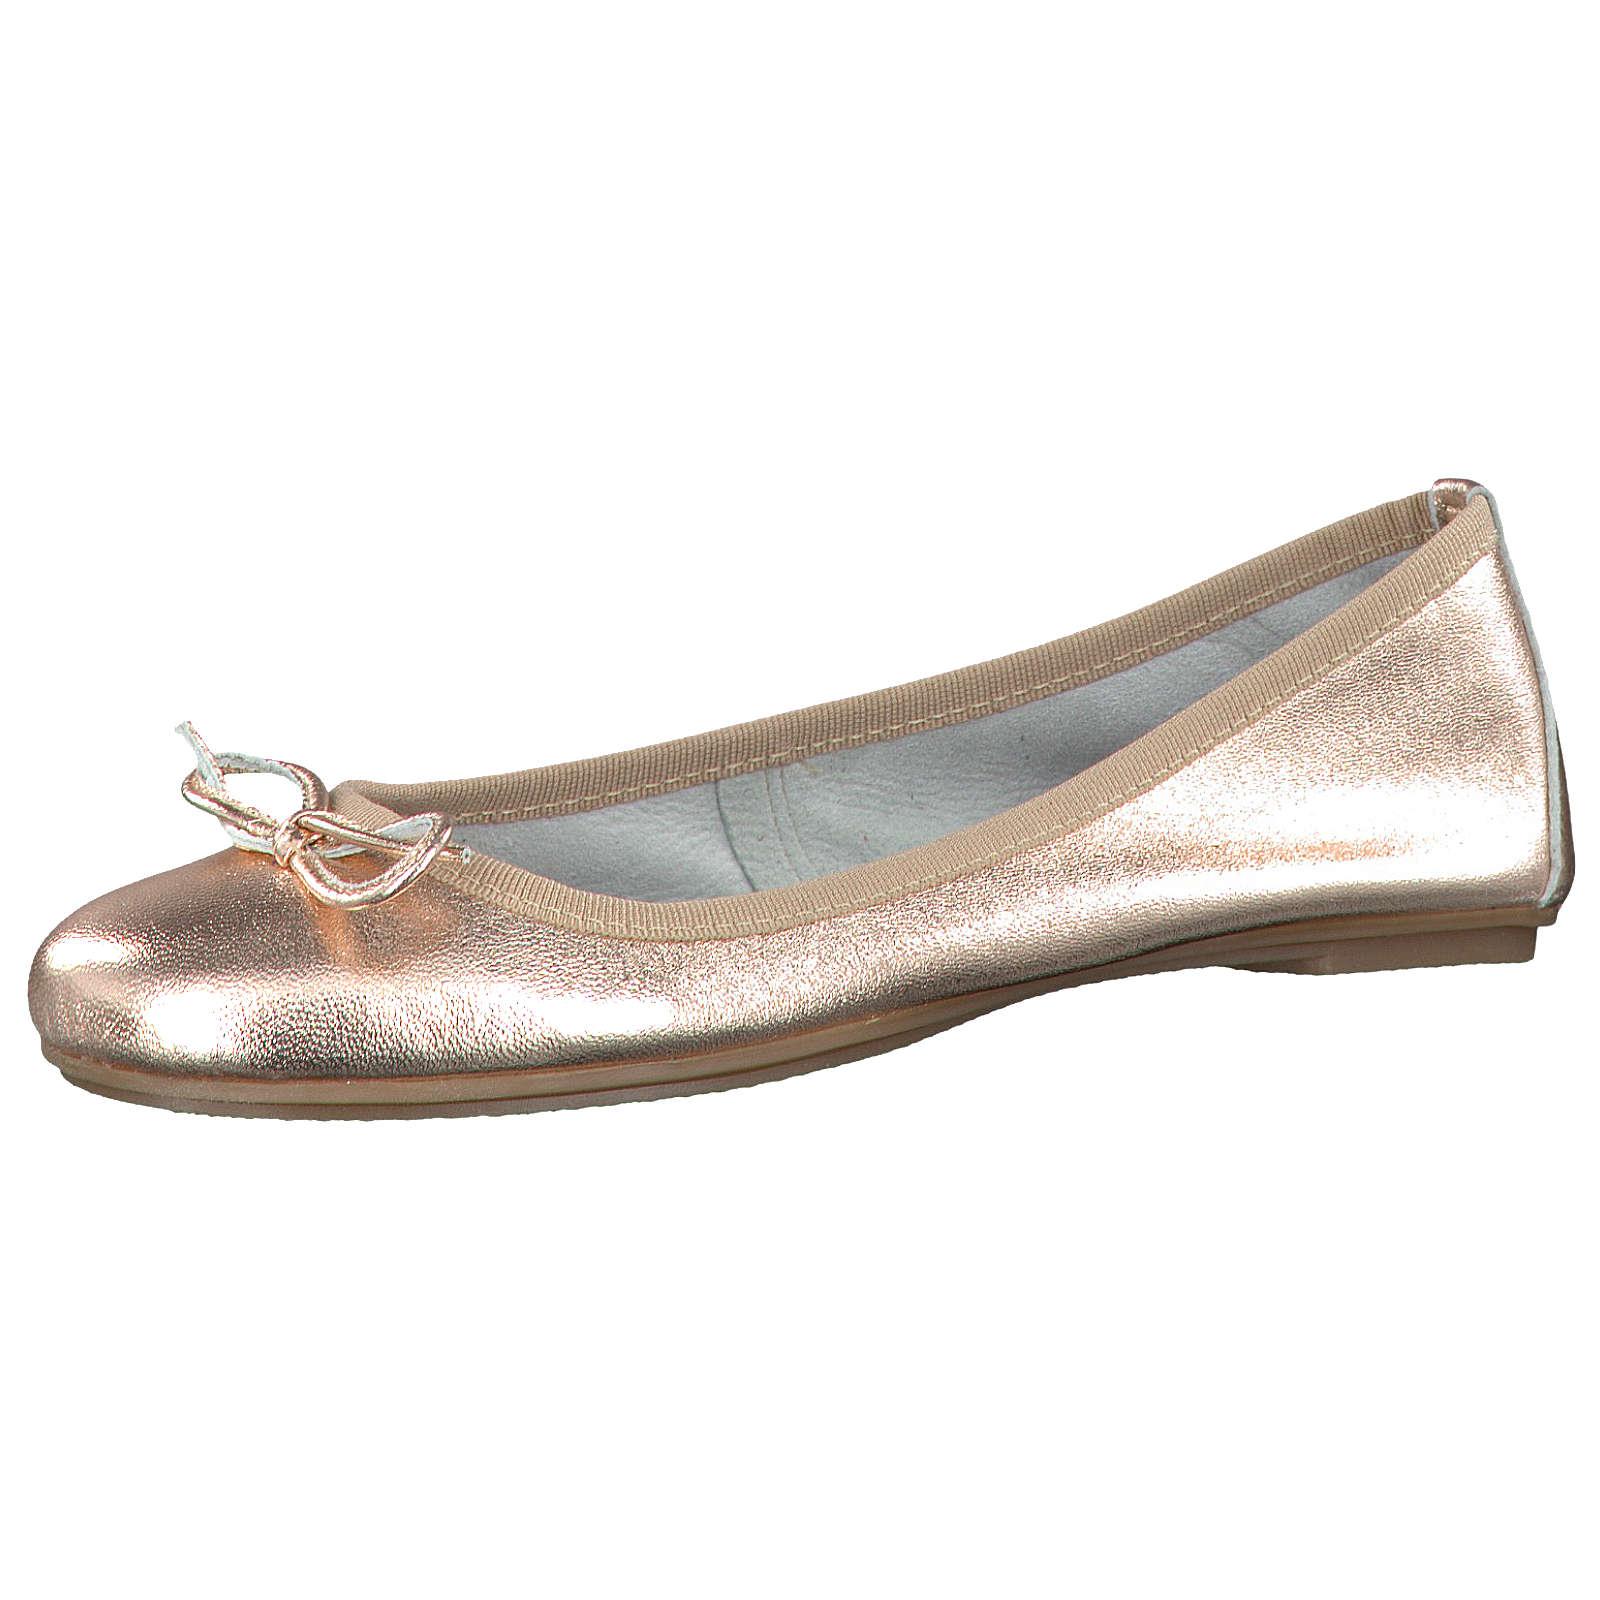 Tamaris Klassische Ballerinas rosegold Damen Gr. 41